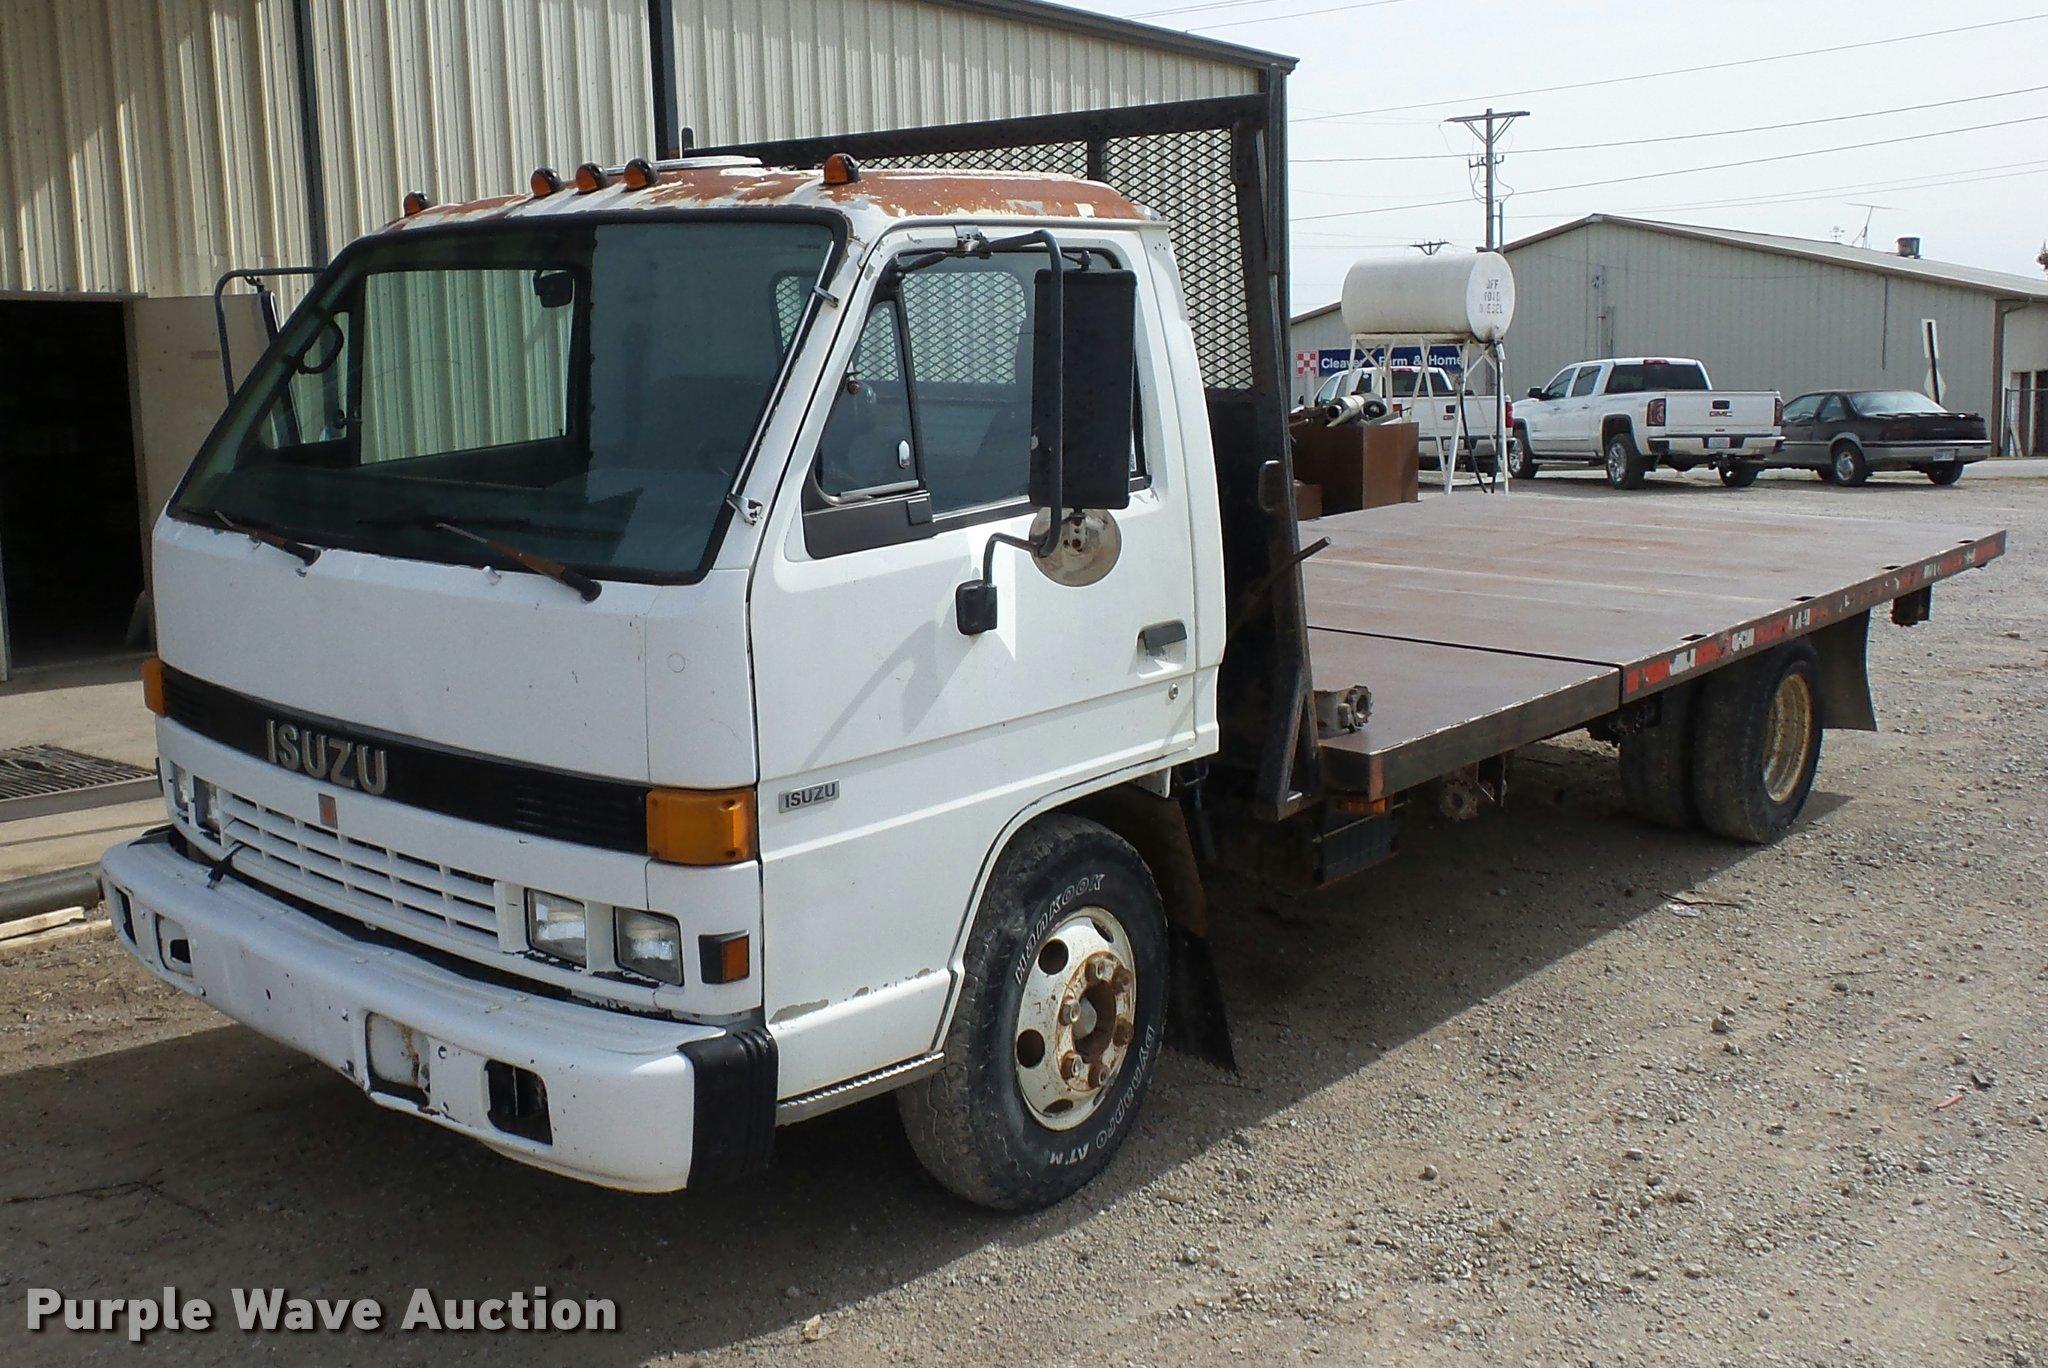 L4380 image for item L4380 1992 Isuzu NPR flatbed truck